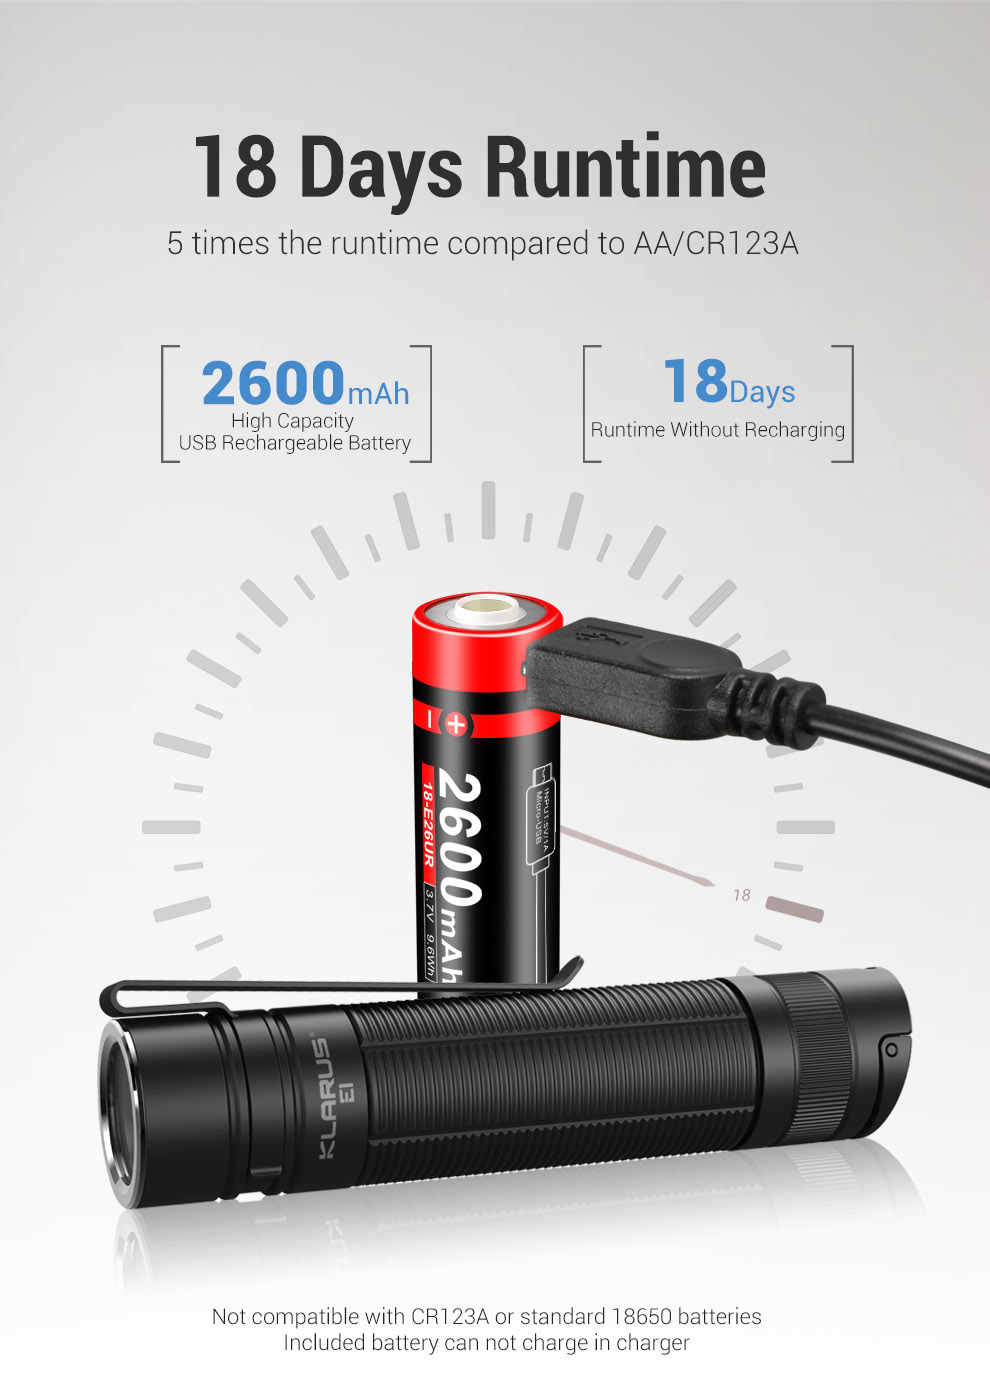 bateria 18650, para acampamento e caminhada